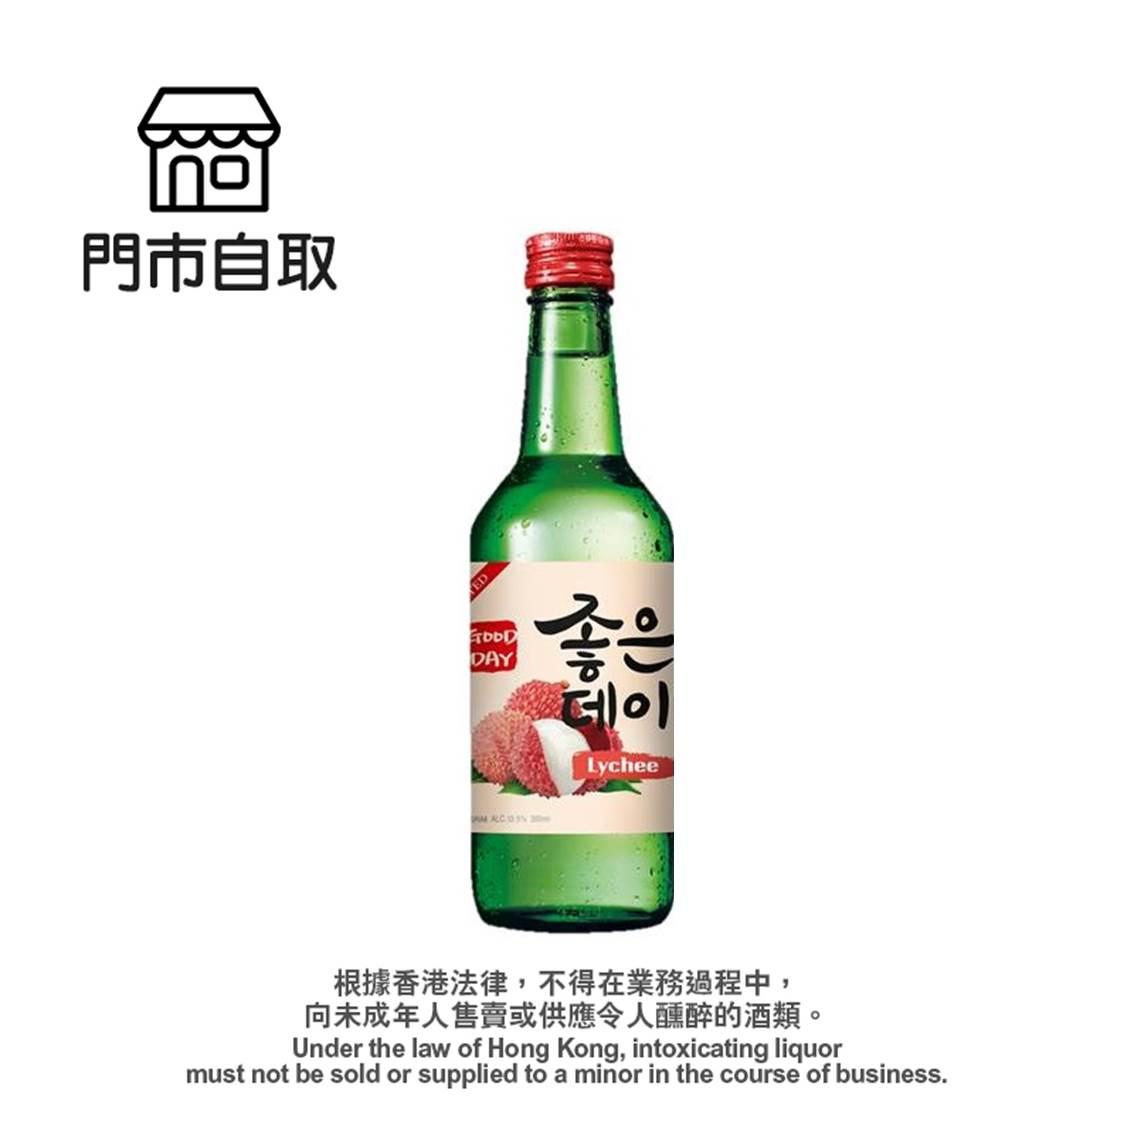 舞鶴荔枝味燒酒